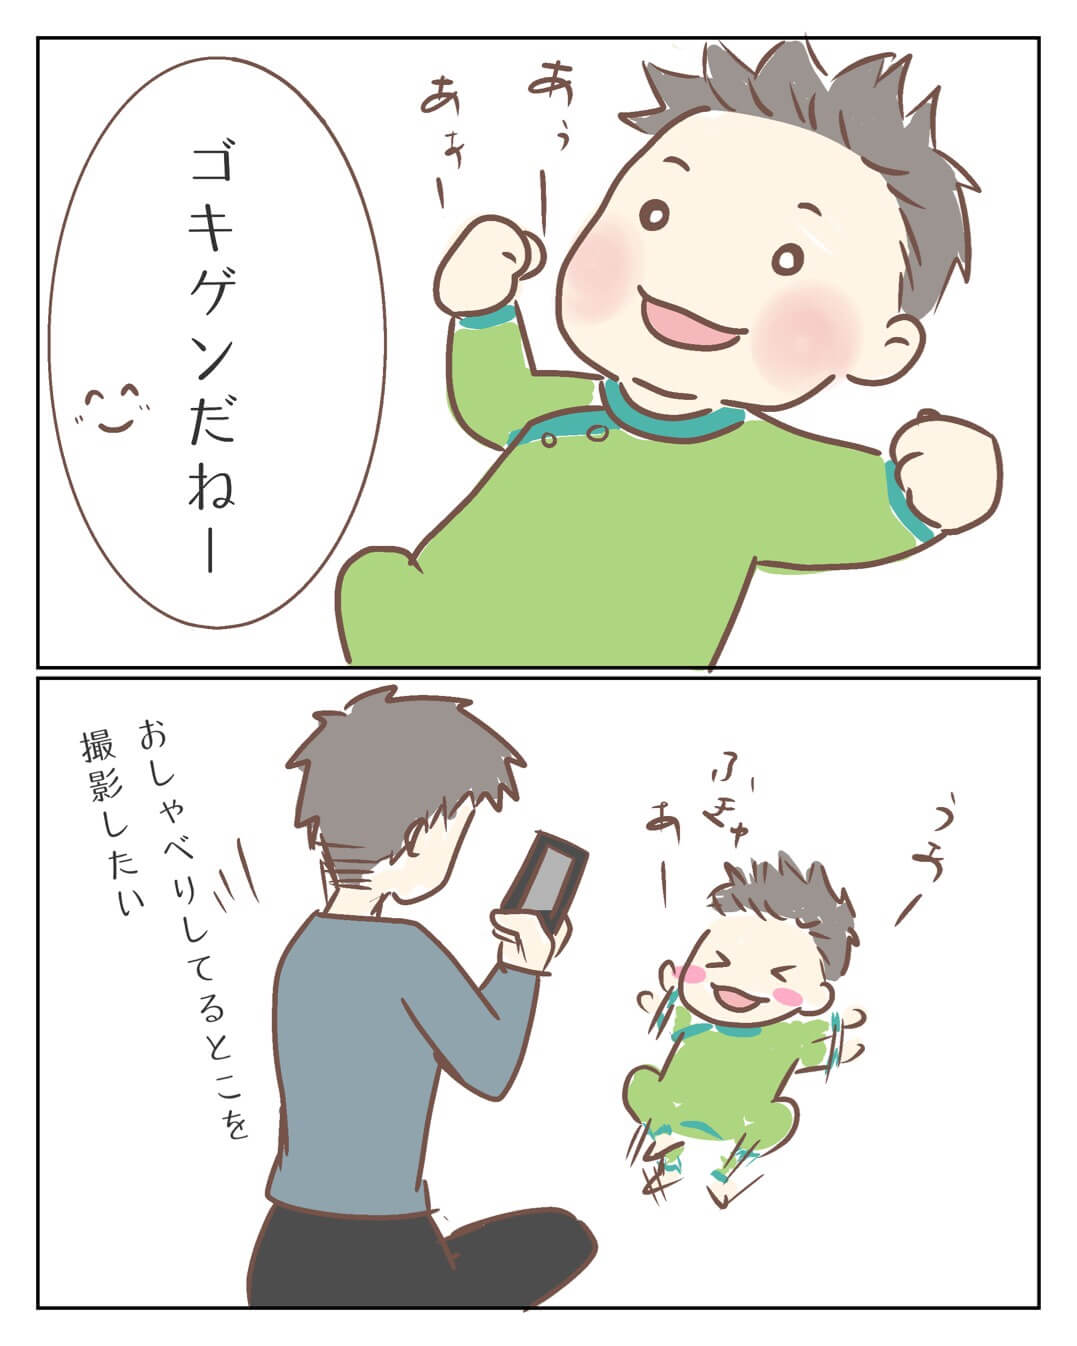 ごきげんな赤ちゃんを撮影しようとするパパのイラスト